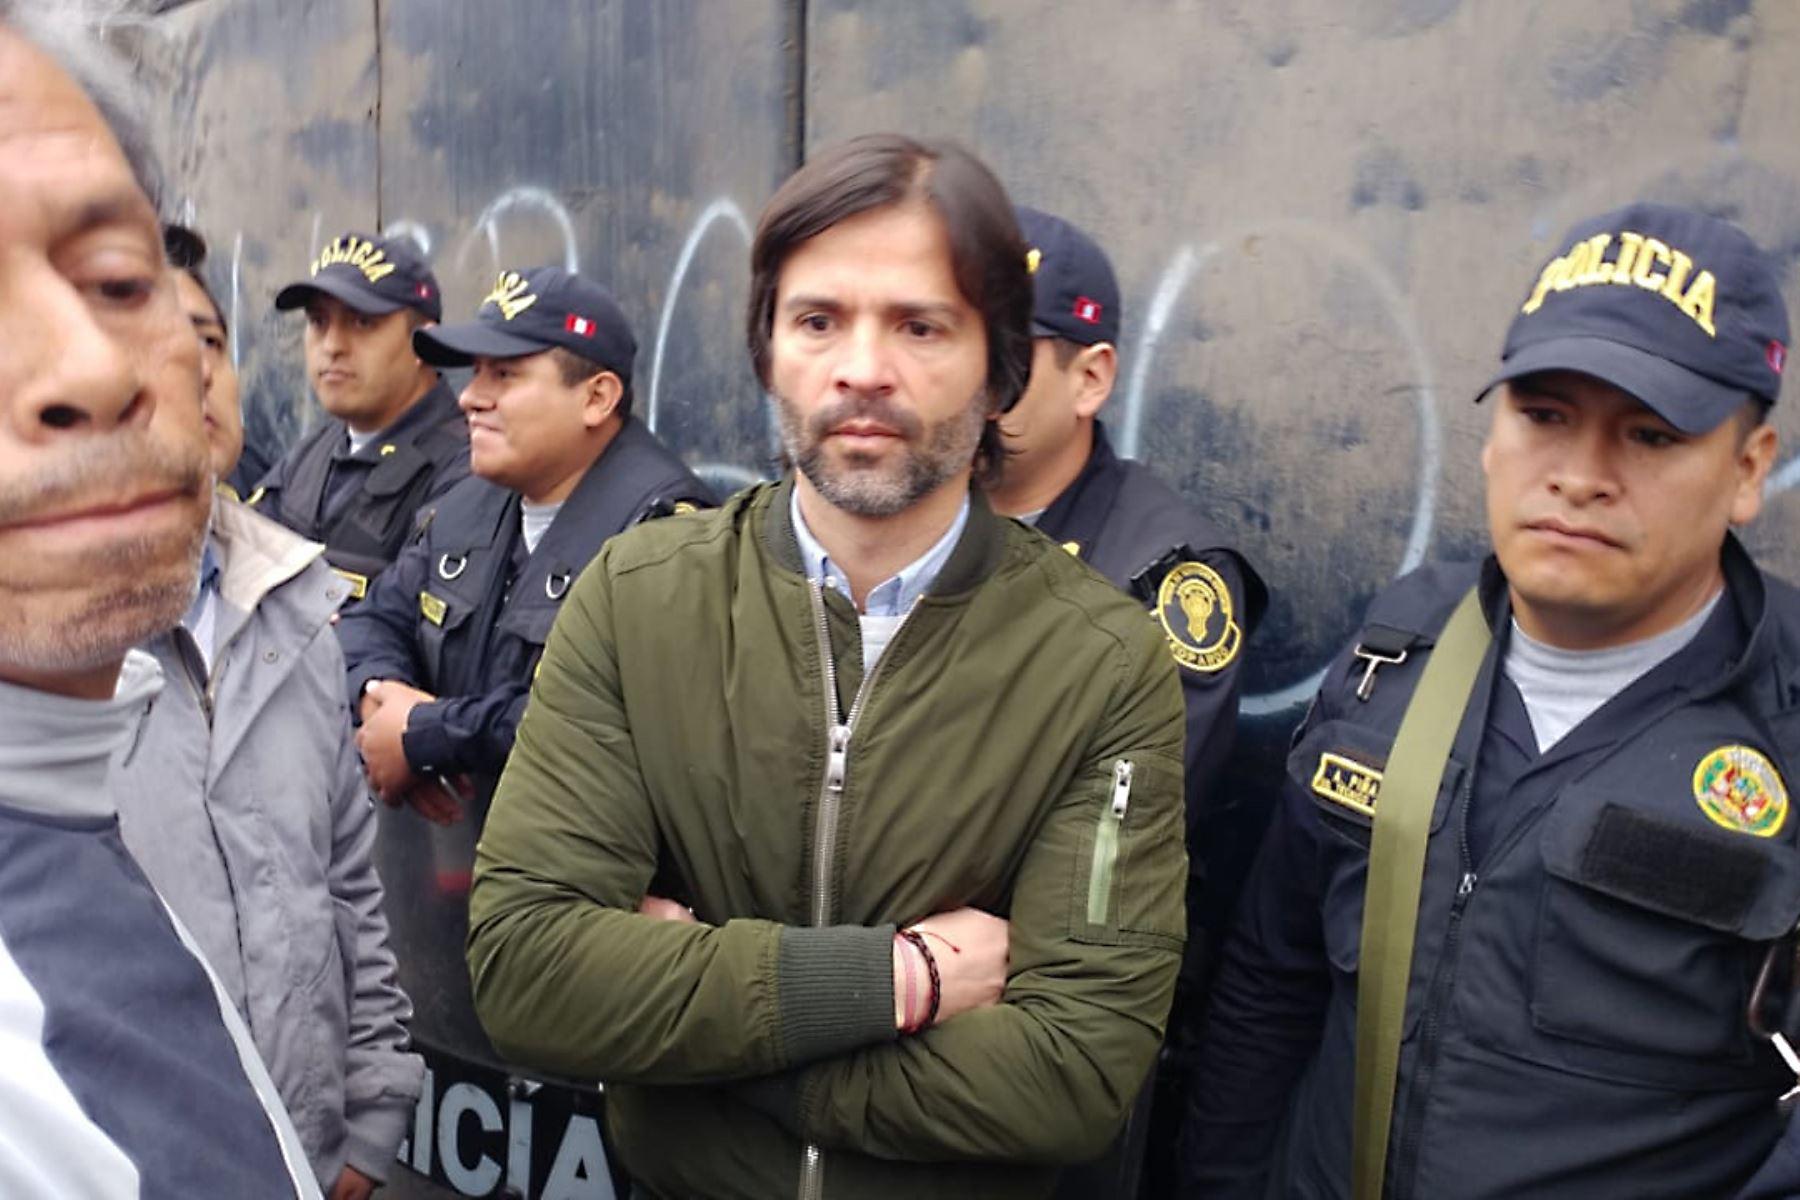 Benjamín Romero es el gerente de marketing y comercial en Alianza Lima ,se encuentra en la explanada del Matute, estadio de Alianza Lima. Donde un grupo evangélico tomo posición de la explanada. Foto: ANDINA/Norman Córdova